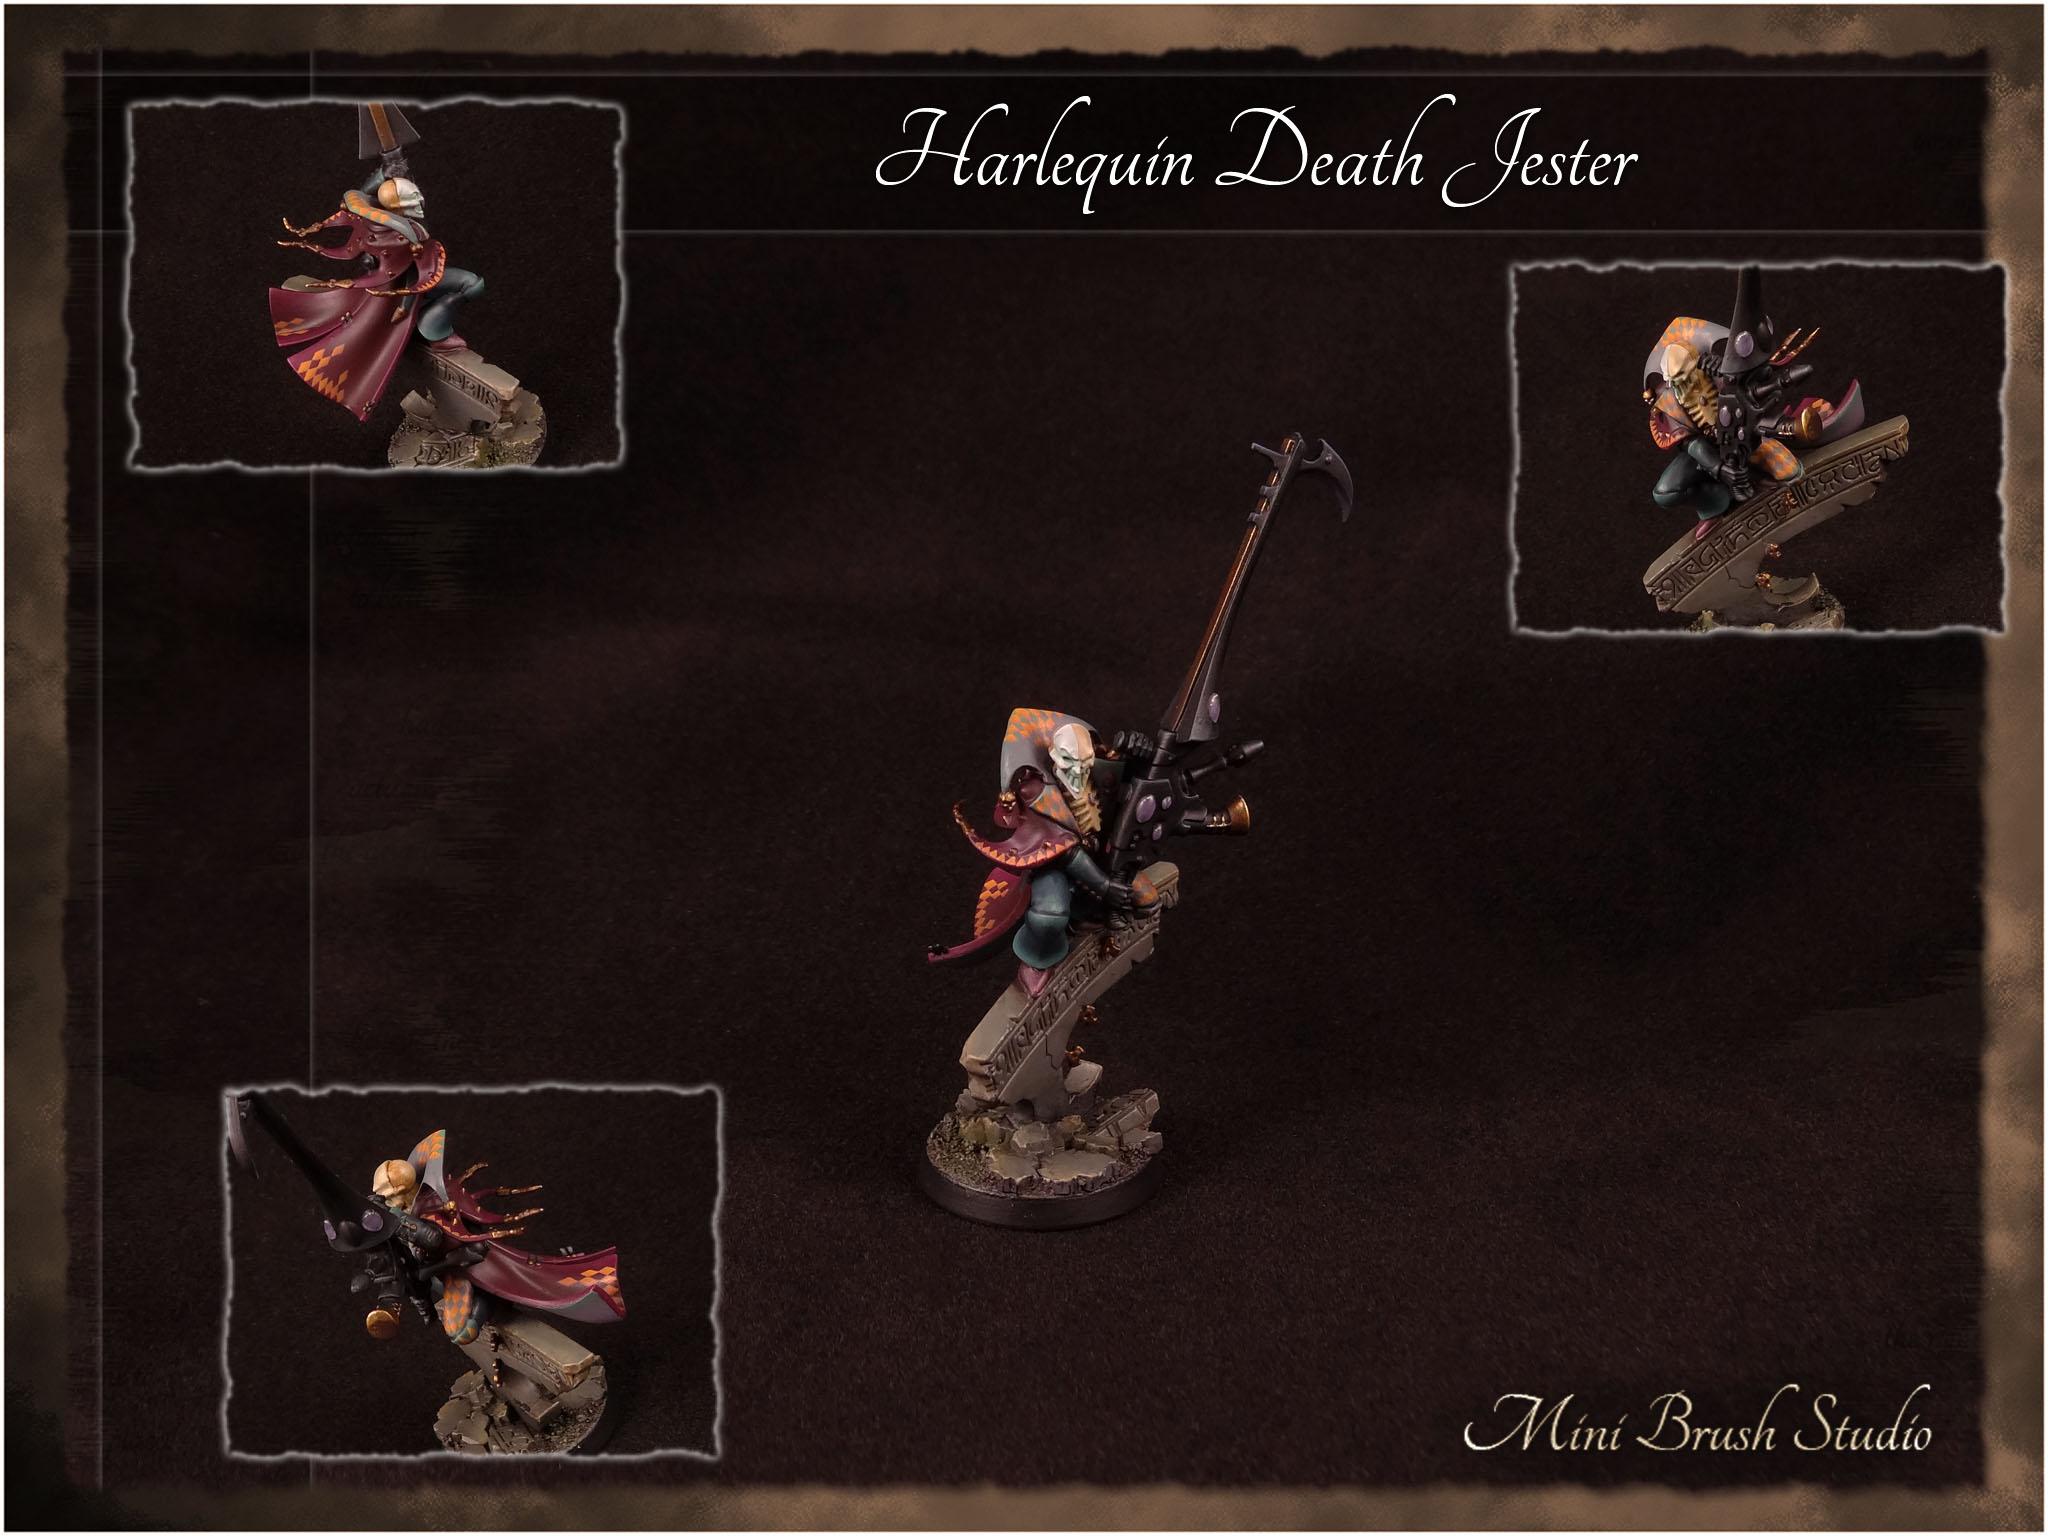 Harlequin Death Jester 1 v7.jpg